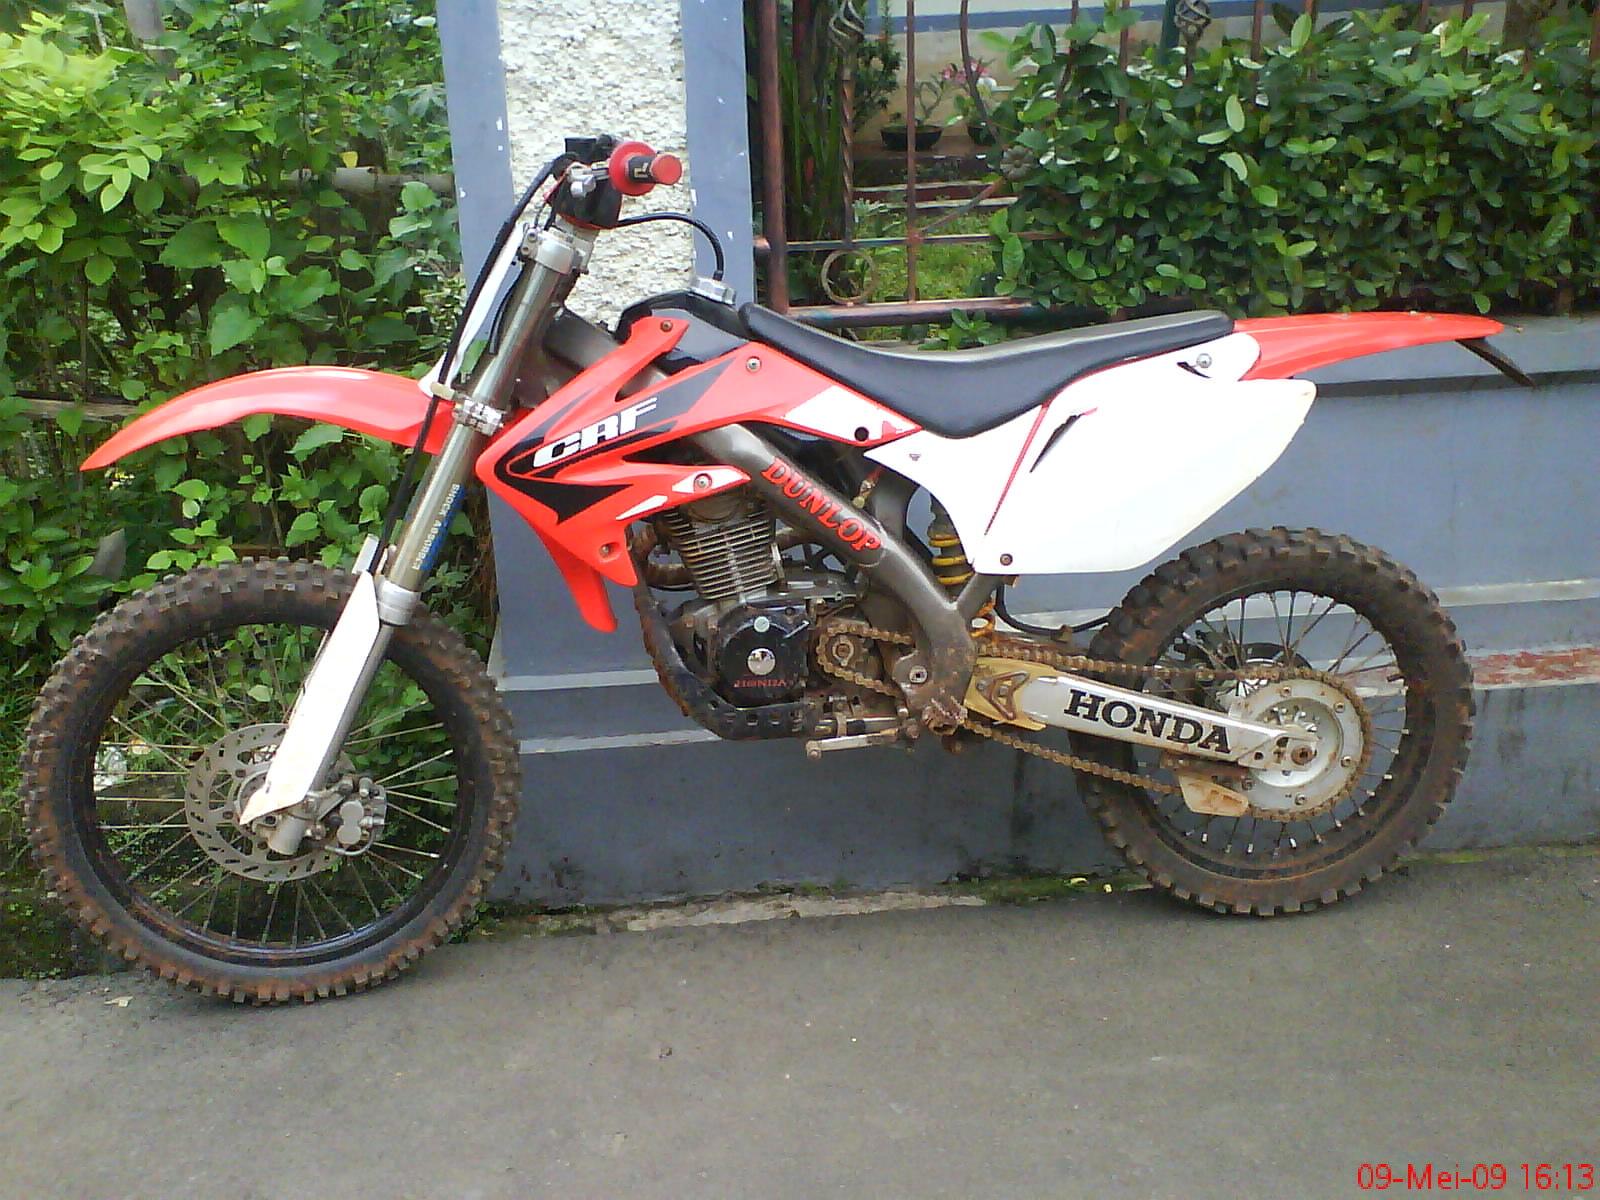 ... CB125. Kaki-kaki pakai limbah punya Yamaha WR, Bodi pakai Honda CRF